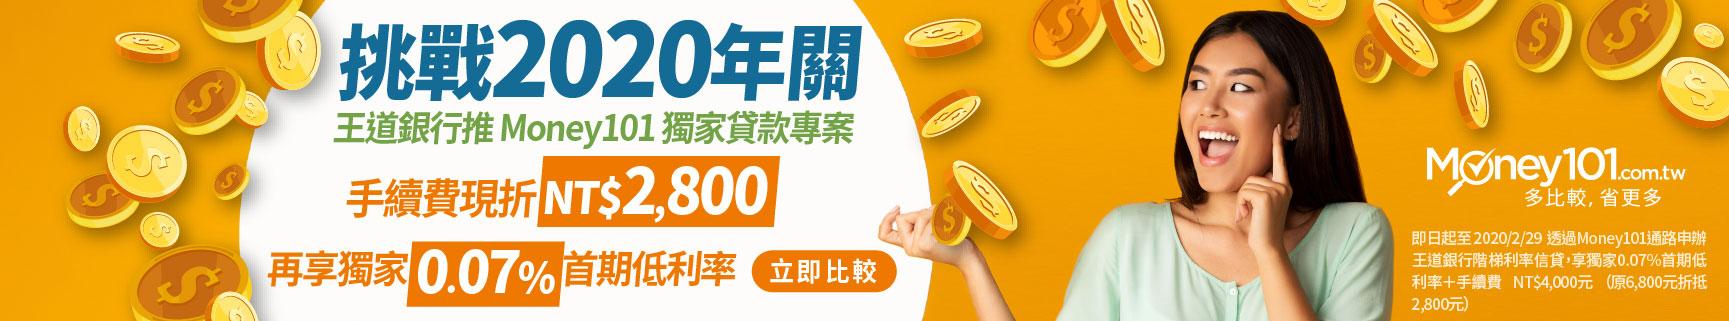 王道銀行 Money101獨家優惠貸款